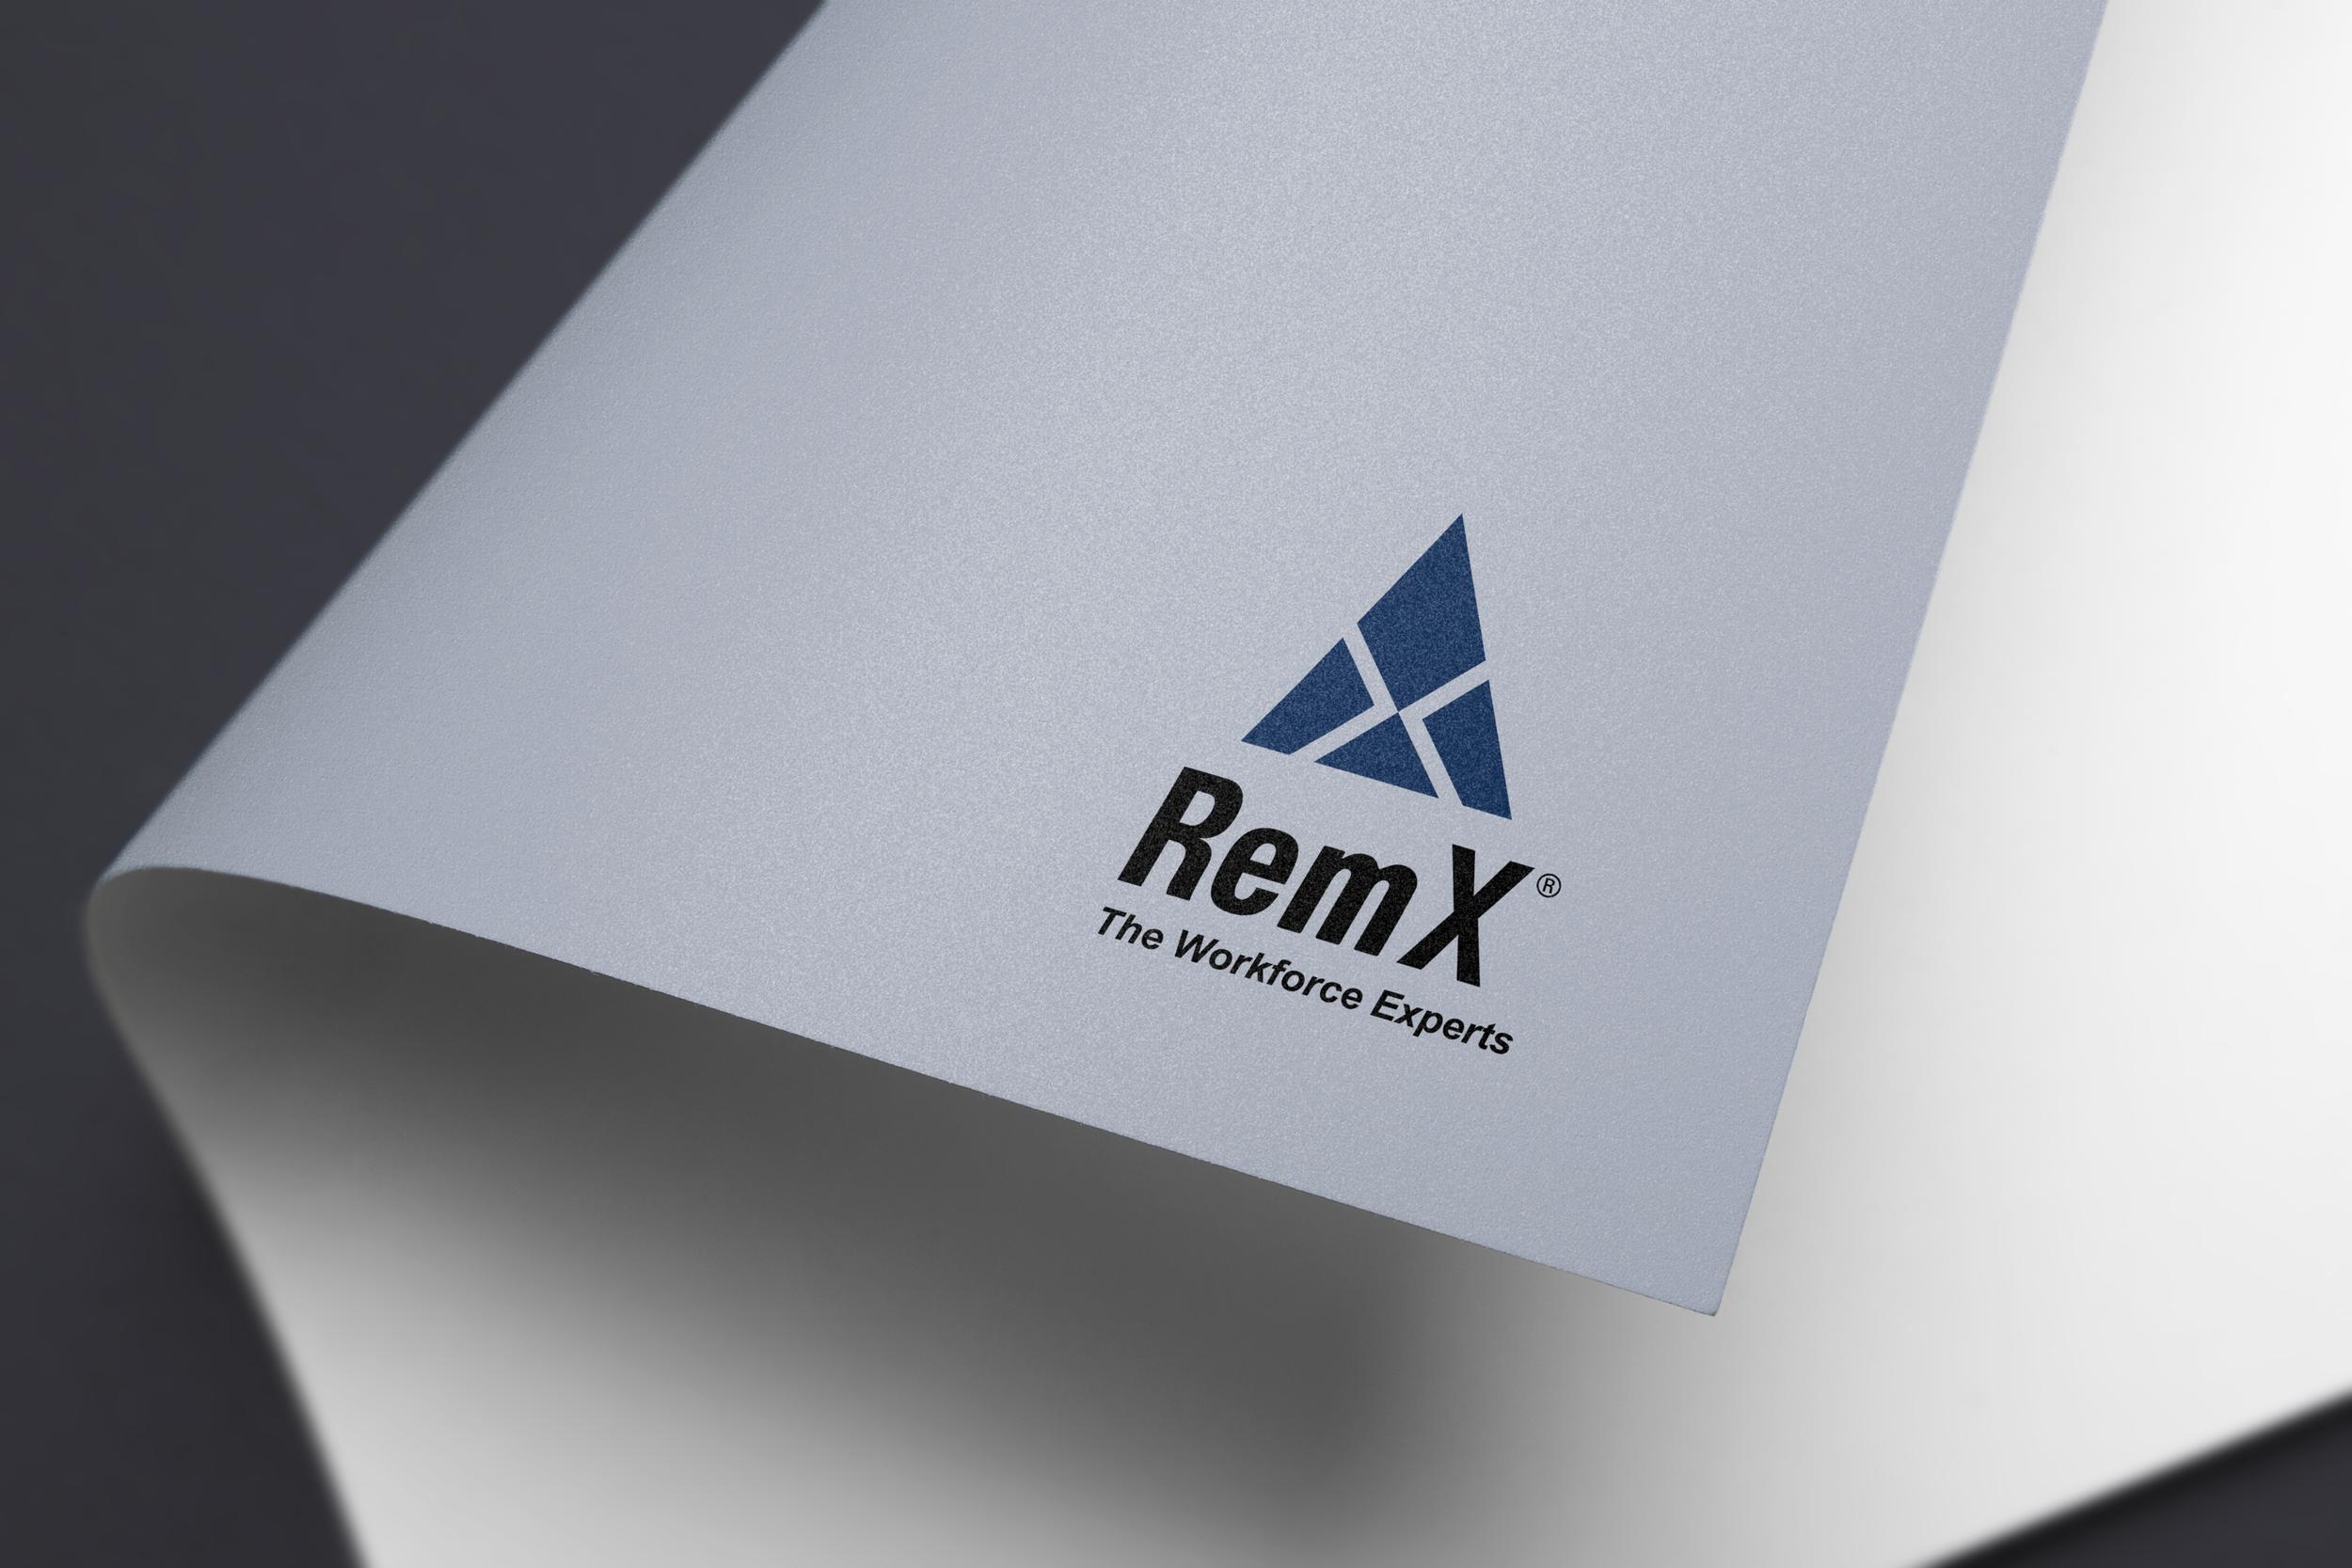 Client:  Employbridge / RemX